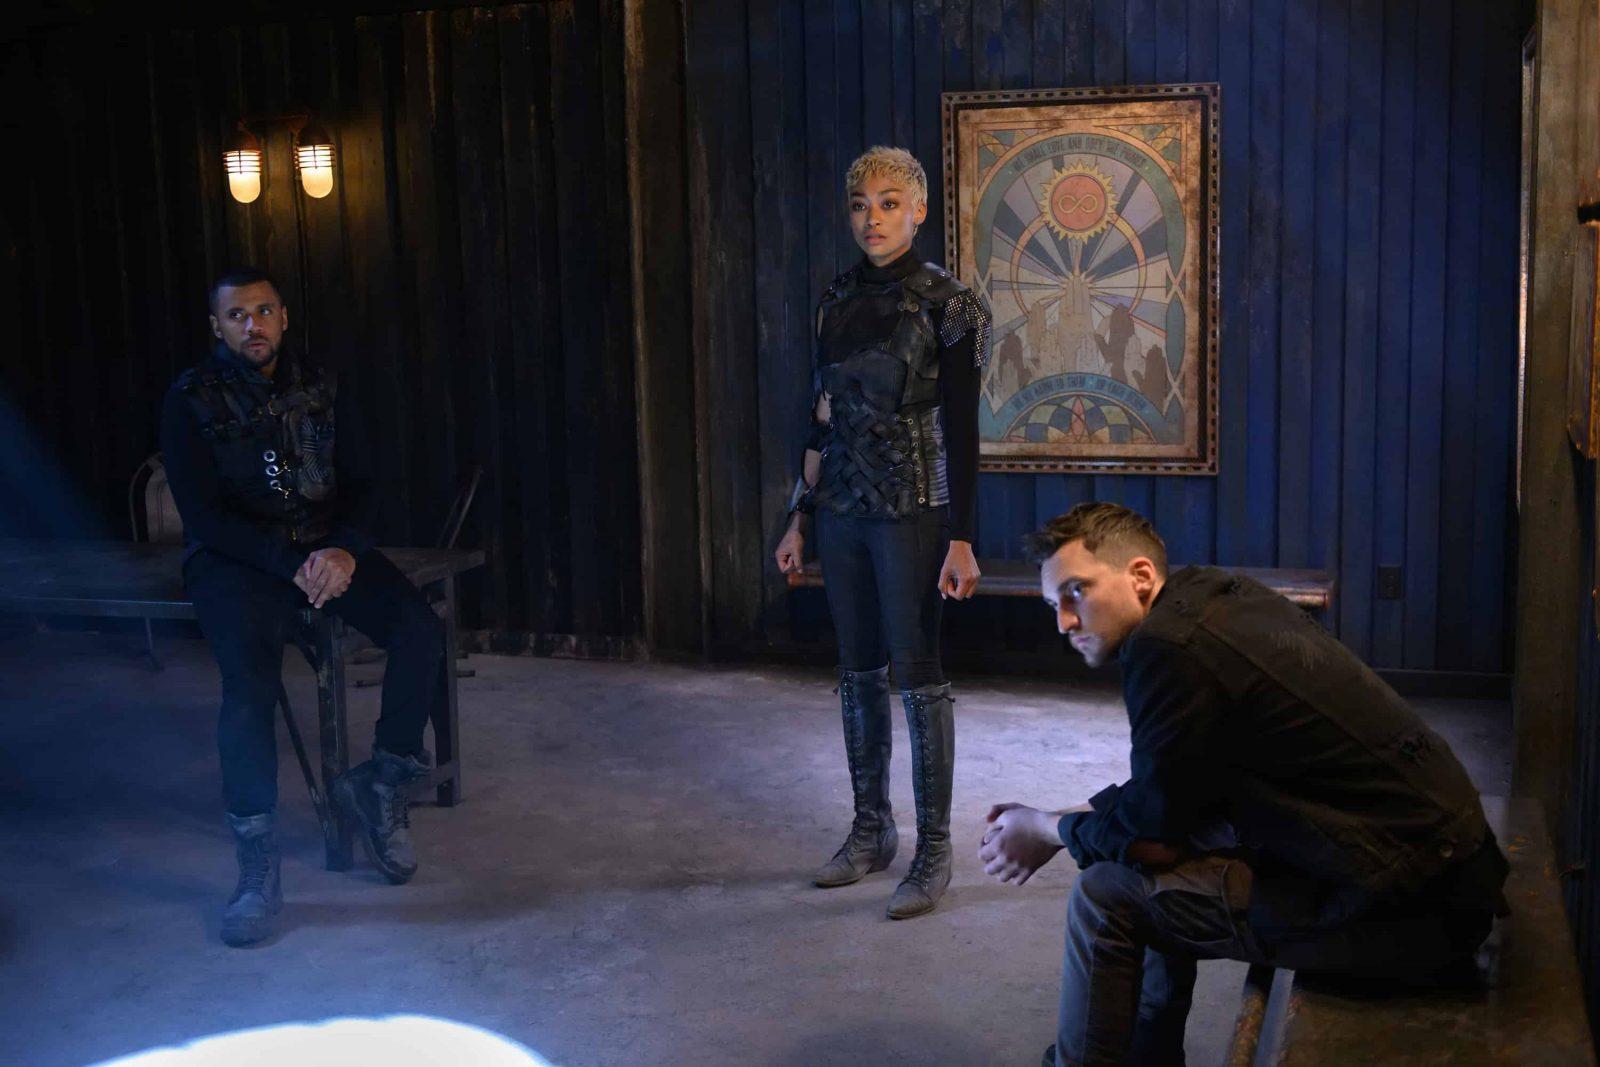 Jarod Joseph como Miller, Tati Gabielle como Gaia y Richard Harmon como Murphy en The 100 S6E11